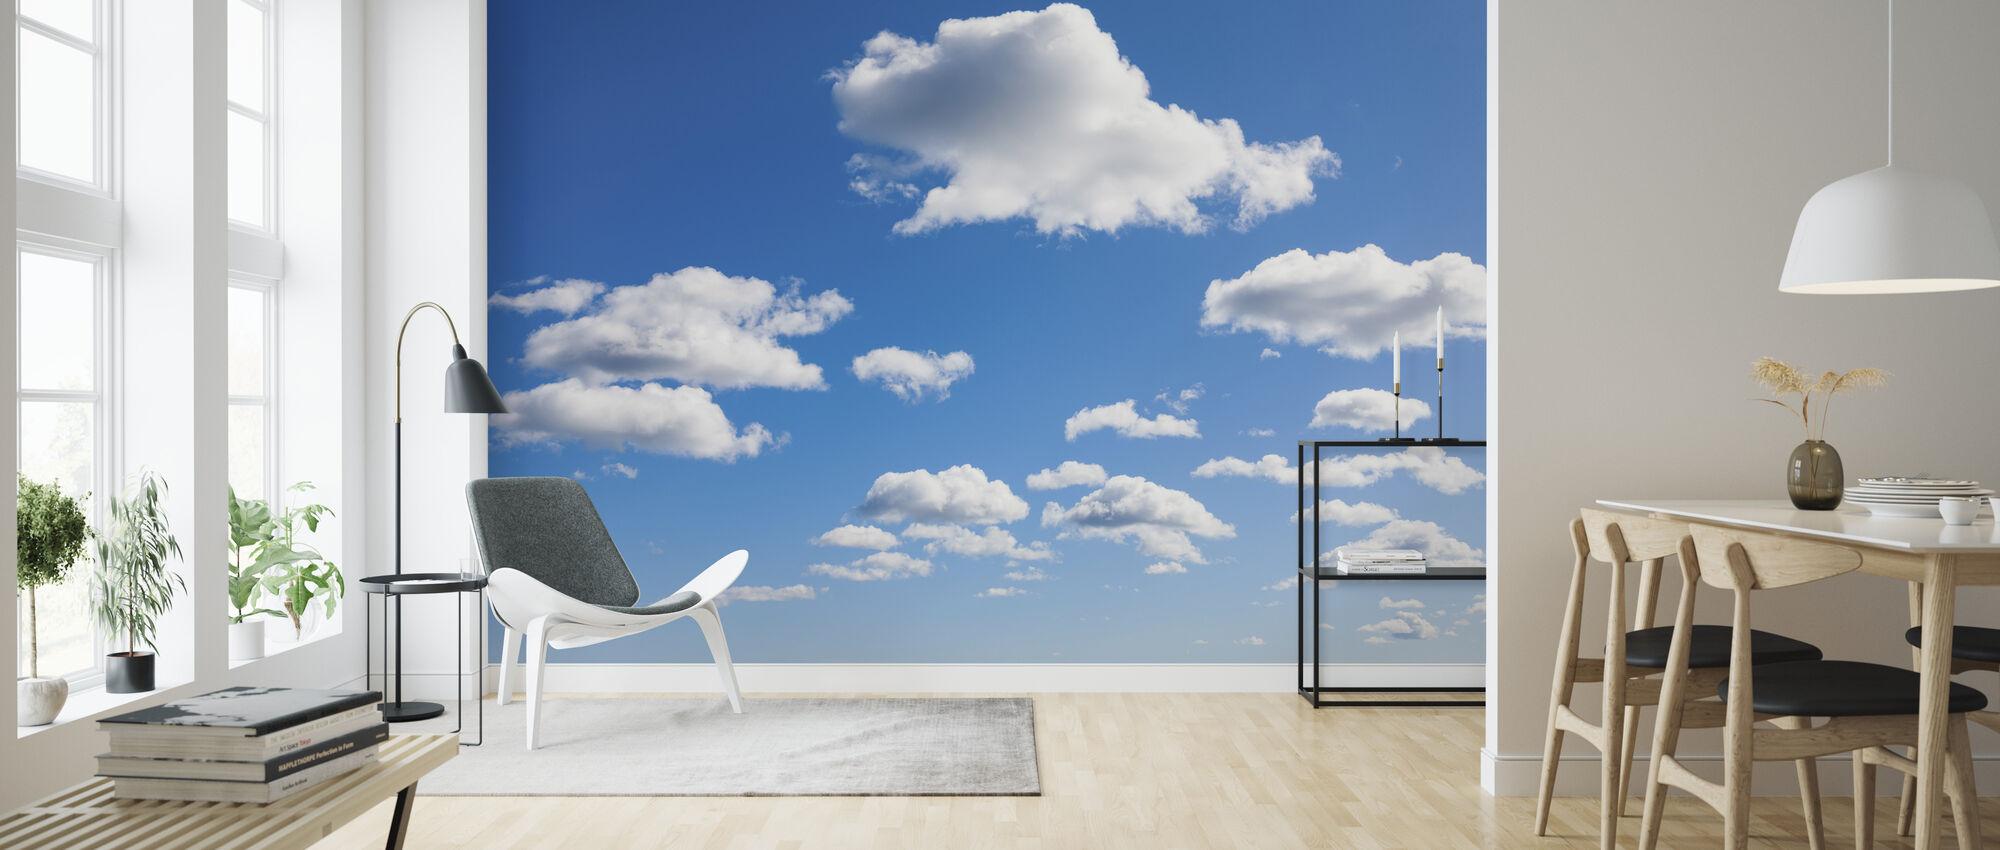 Cloud Cloud - Wallpaper - Living Room